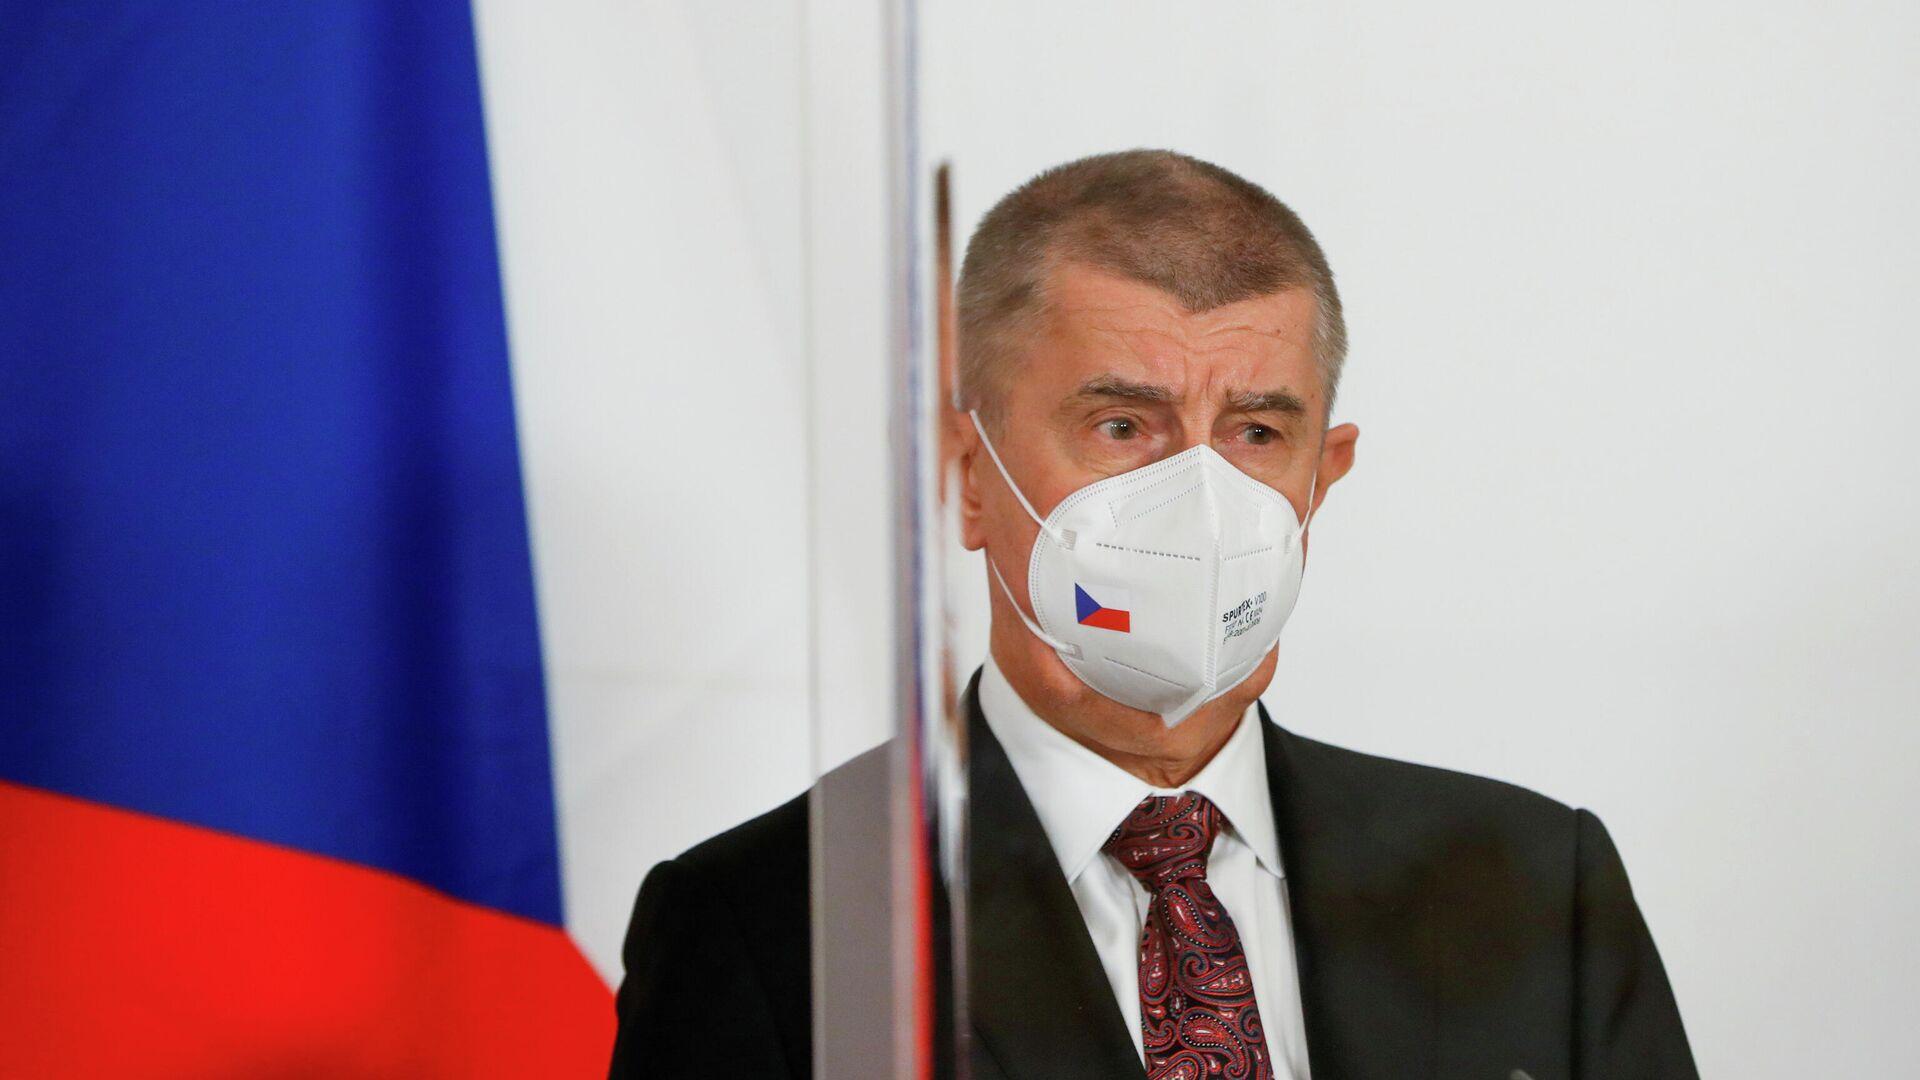 Премьер-министр Чехии Андрей Бабиш - РИА Новости, 1920, 08.05.2021